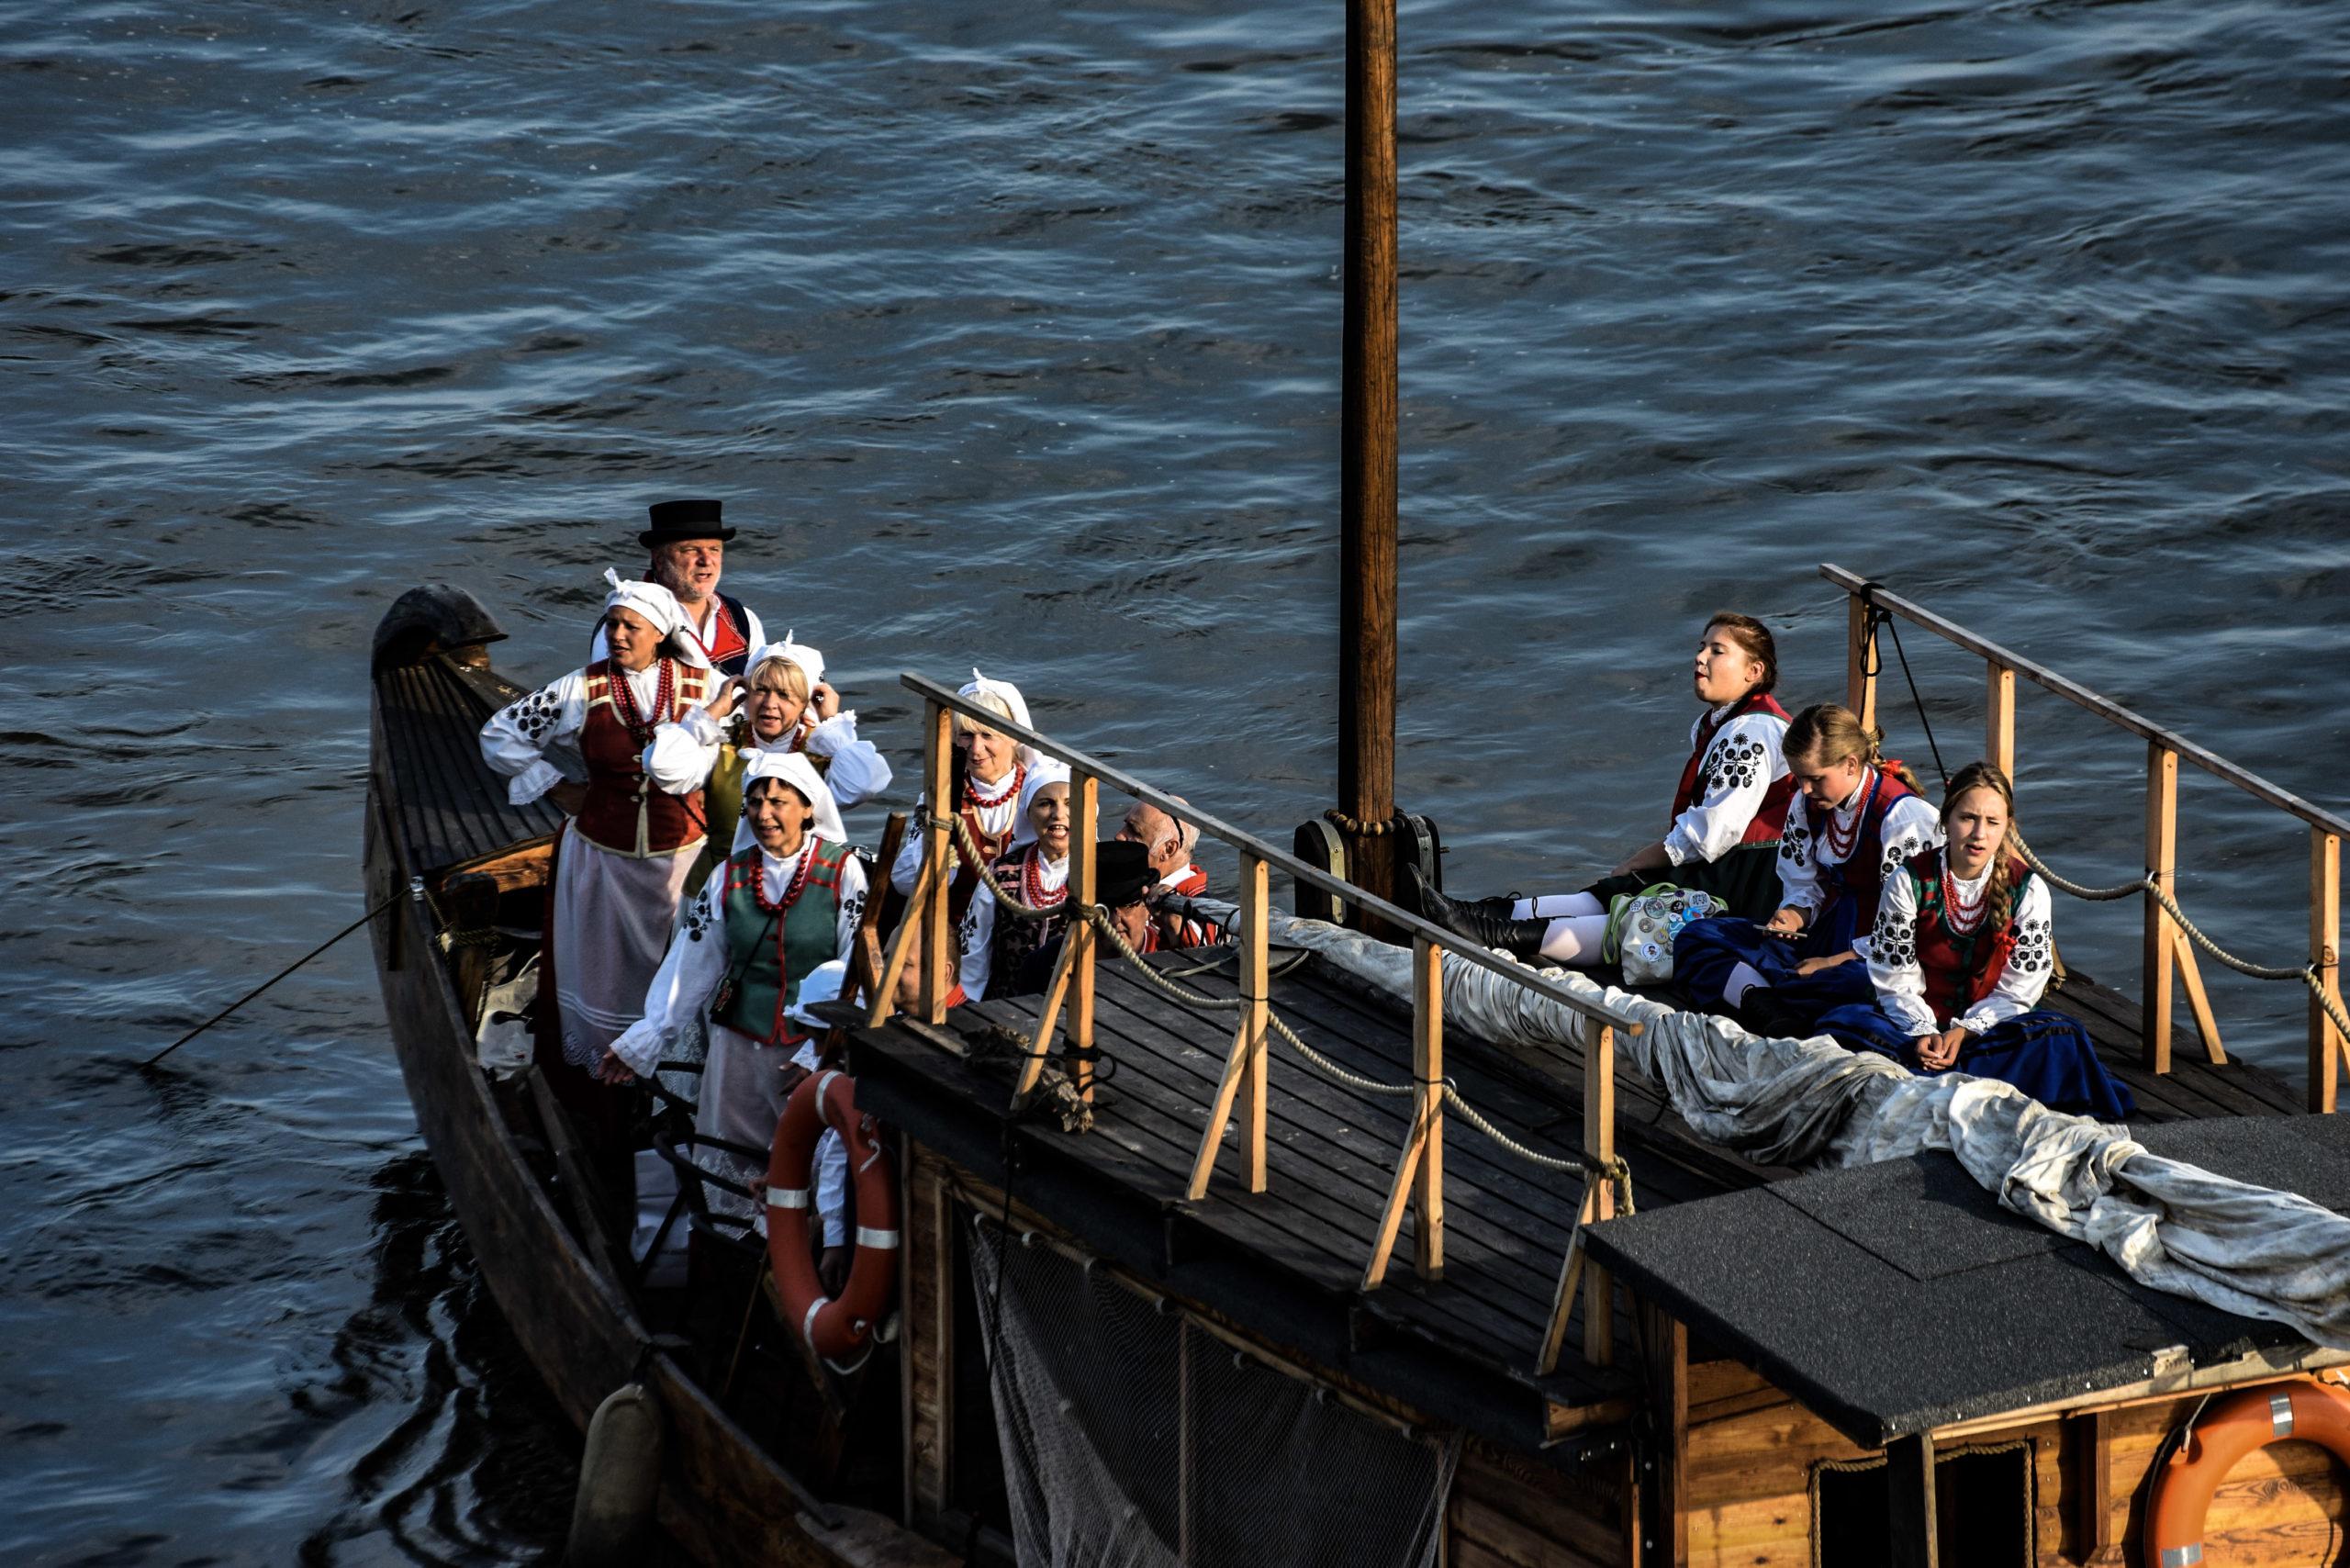 Od jutra przez całe wakacje w ramach Budżetu Obywatelskiego będzie można pływać tradycyjną drewnianą szkutą po Wiśle. A skoro z Budżetu Obywatelskiego to zupełnie za darmo.